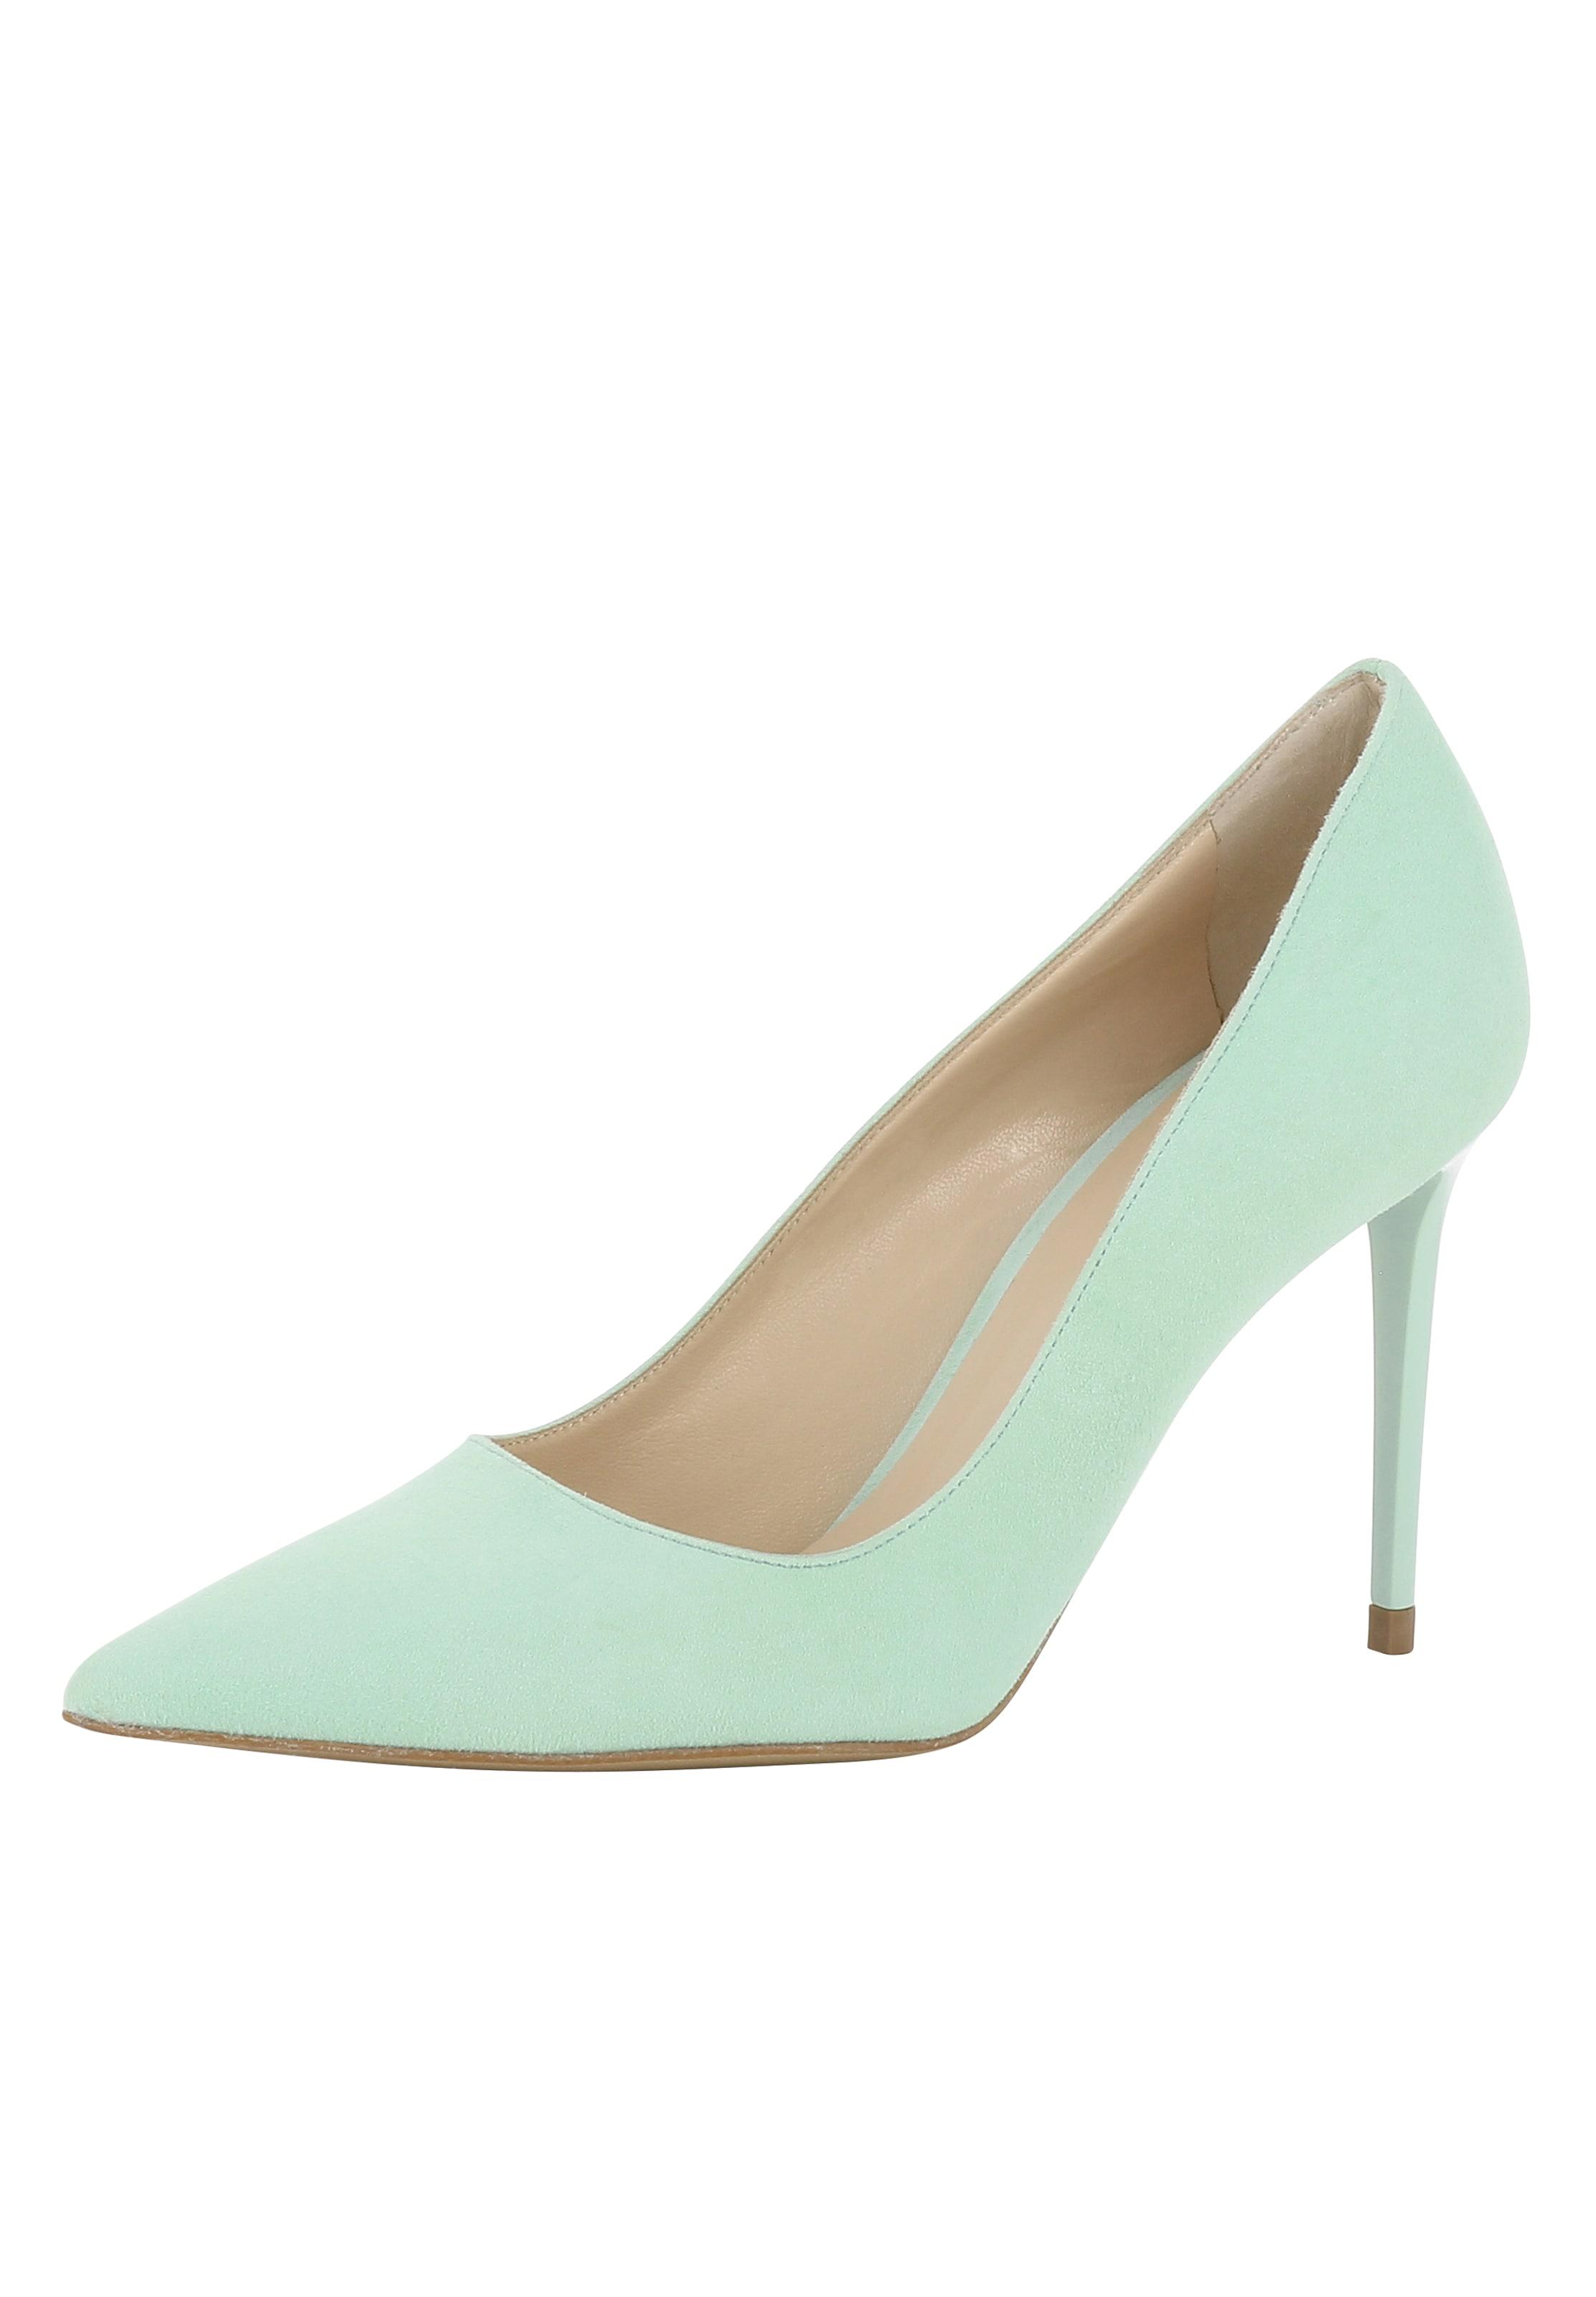 EVITA Pumps NATALIA Verschleißfeste billige Schuhe